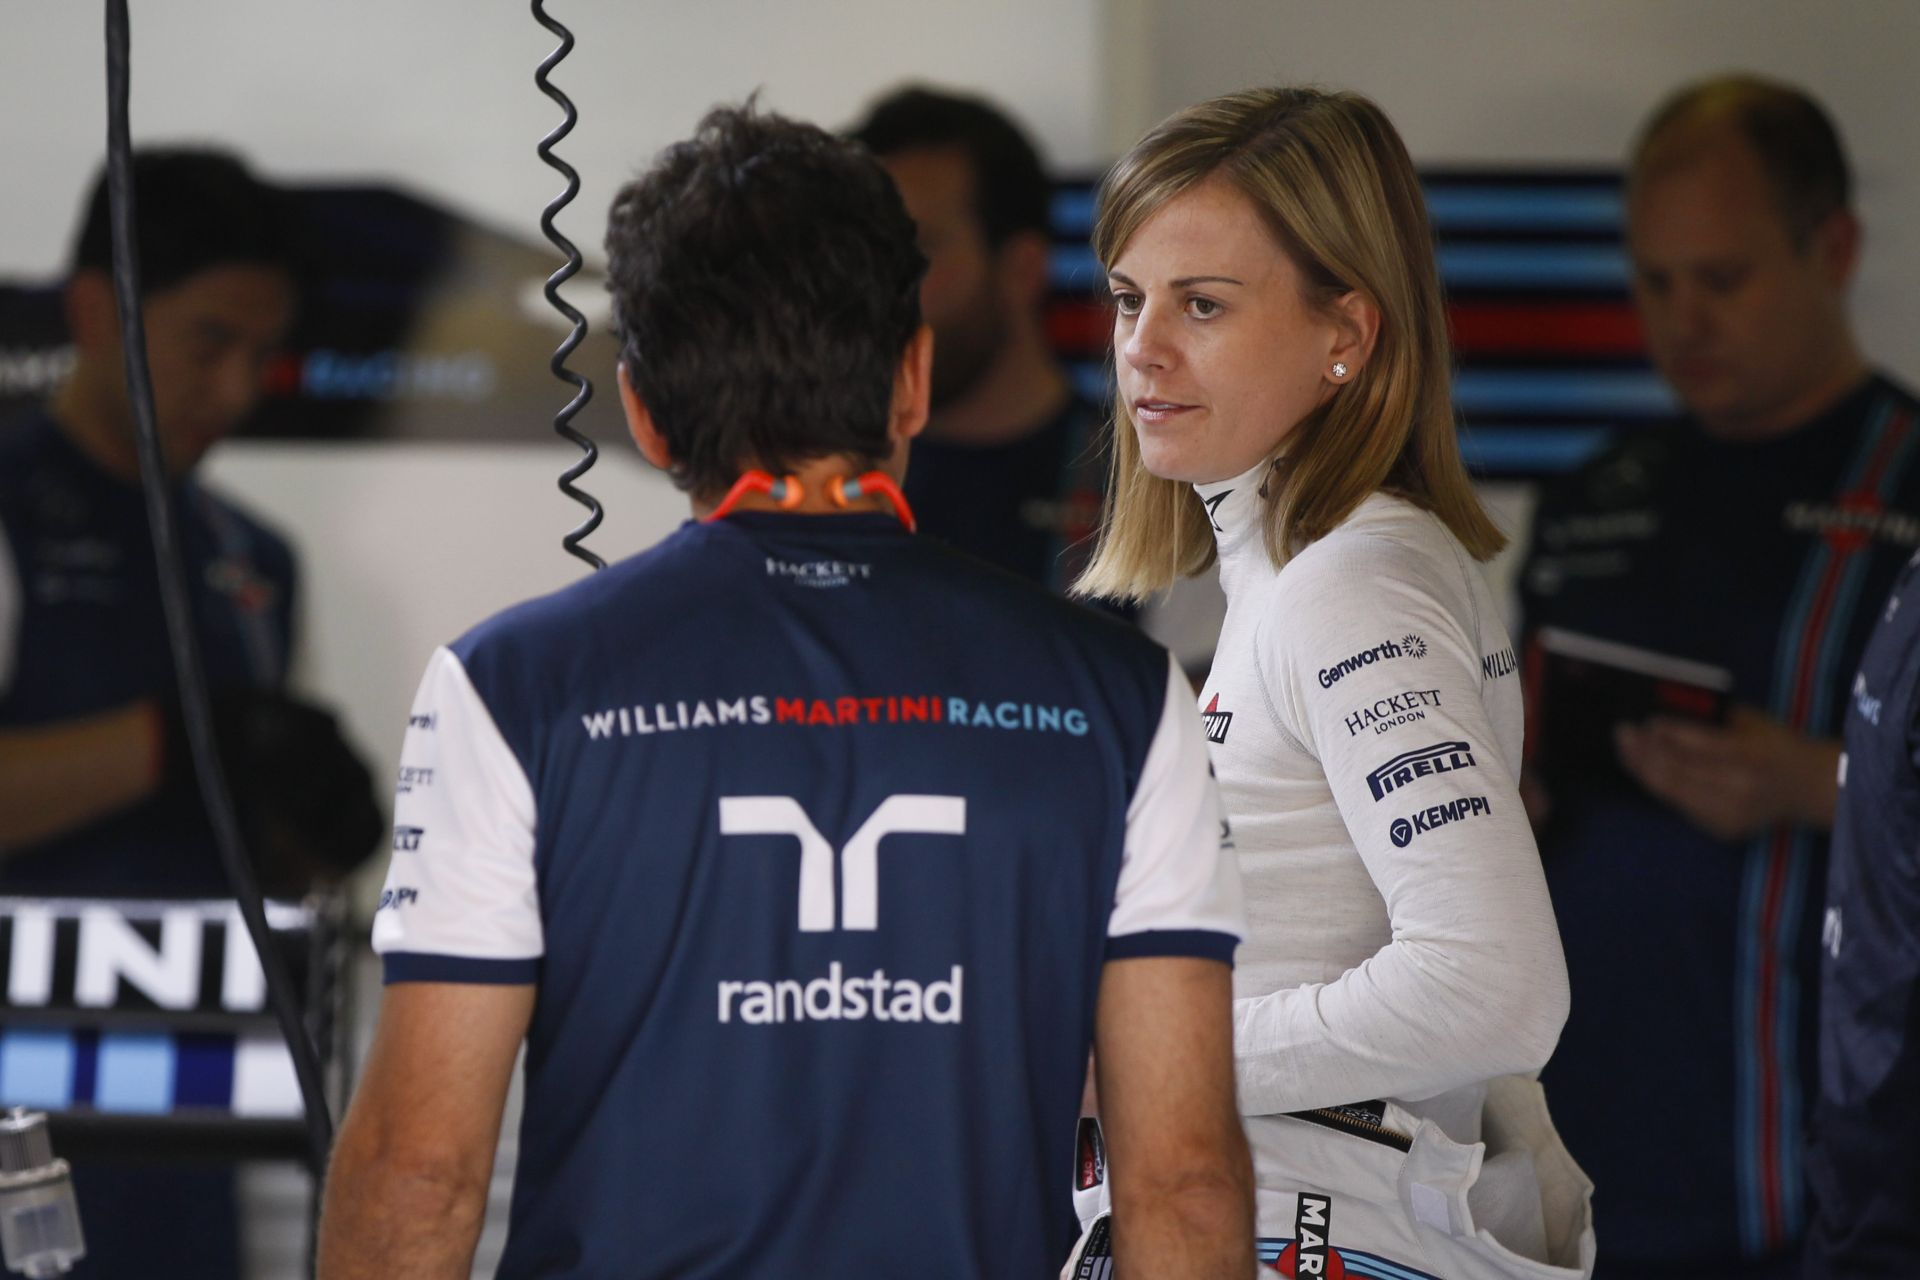 Irtózol attól, hogy egy nő versenyezzen a Forma-1-ben? Susie Wolff jobb lehet, mint több jelenlegi F1-es pilóta!